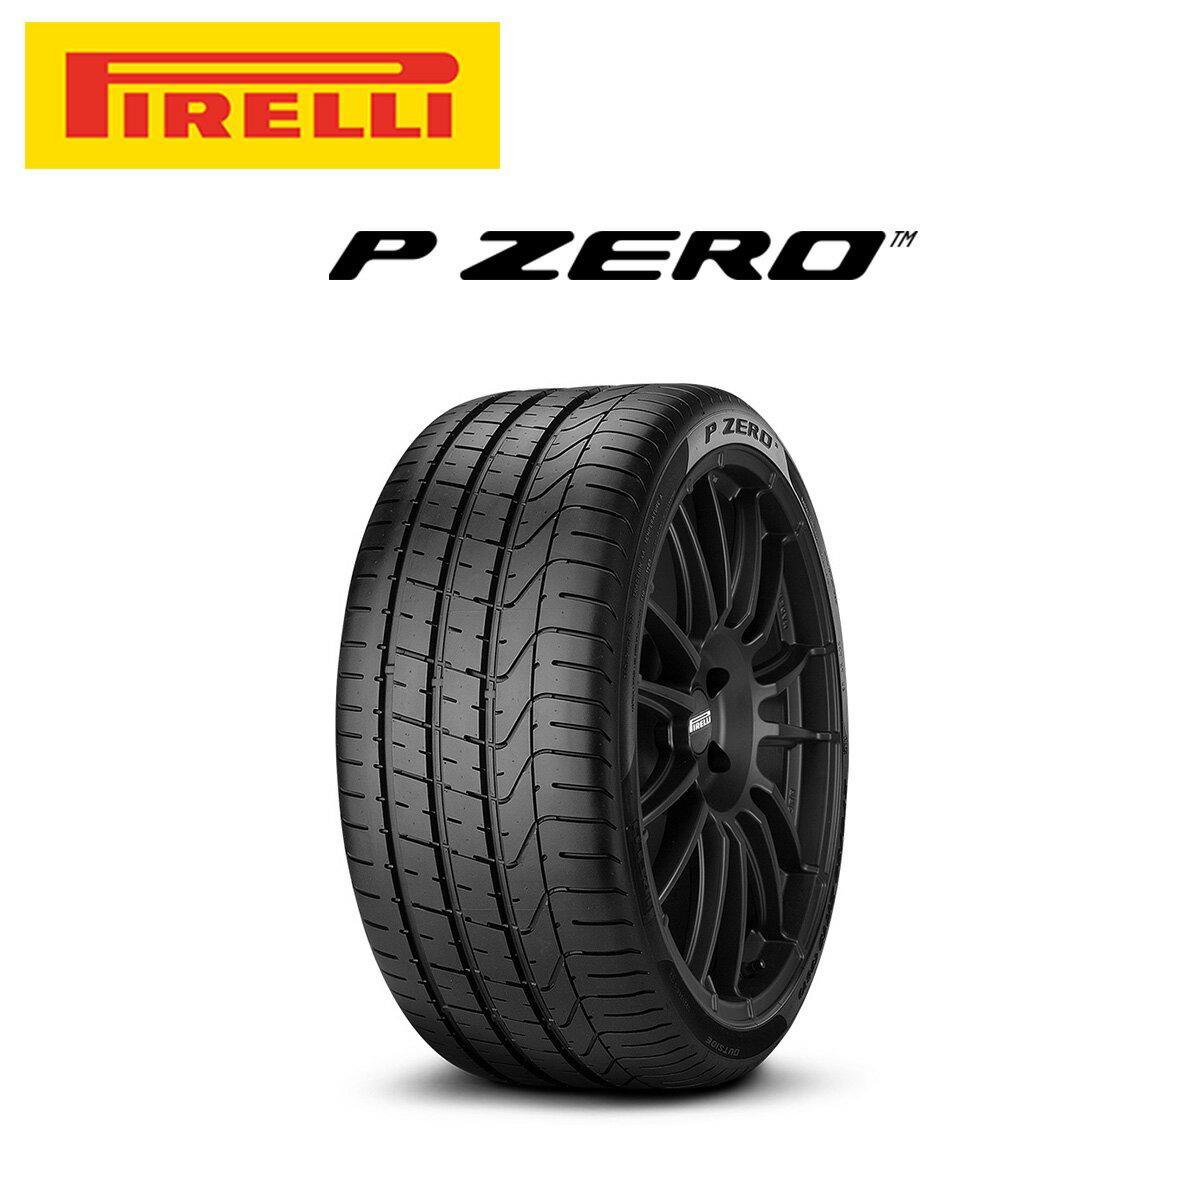 ピレリ PIRELLI P ZERO ピーゼロ 20インチ サマー タイヤ 4本 セット 255/35ZR20 97Y XL JRS:ジャガー承認タイヤ 1837600